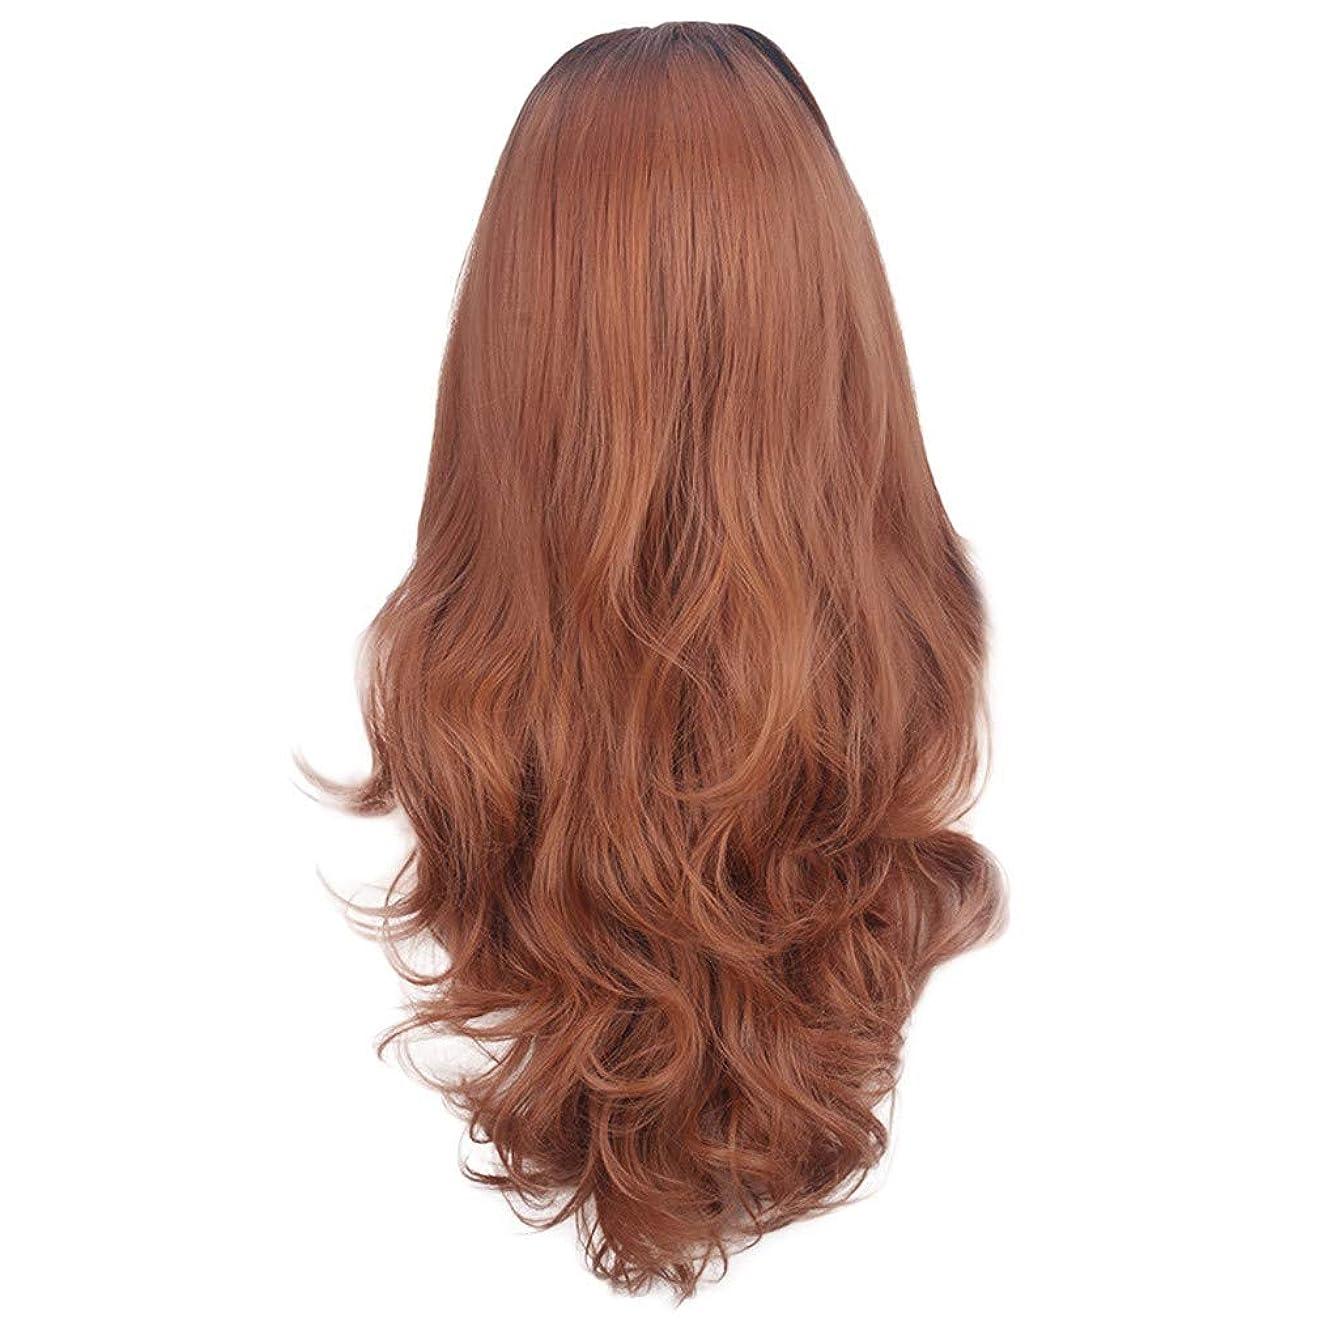 資本わざわざ評議会茶色の女性のかつらの長い巻き毛のフロントレースかつら80CM